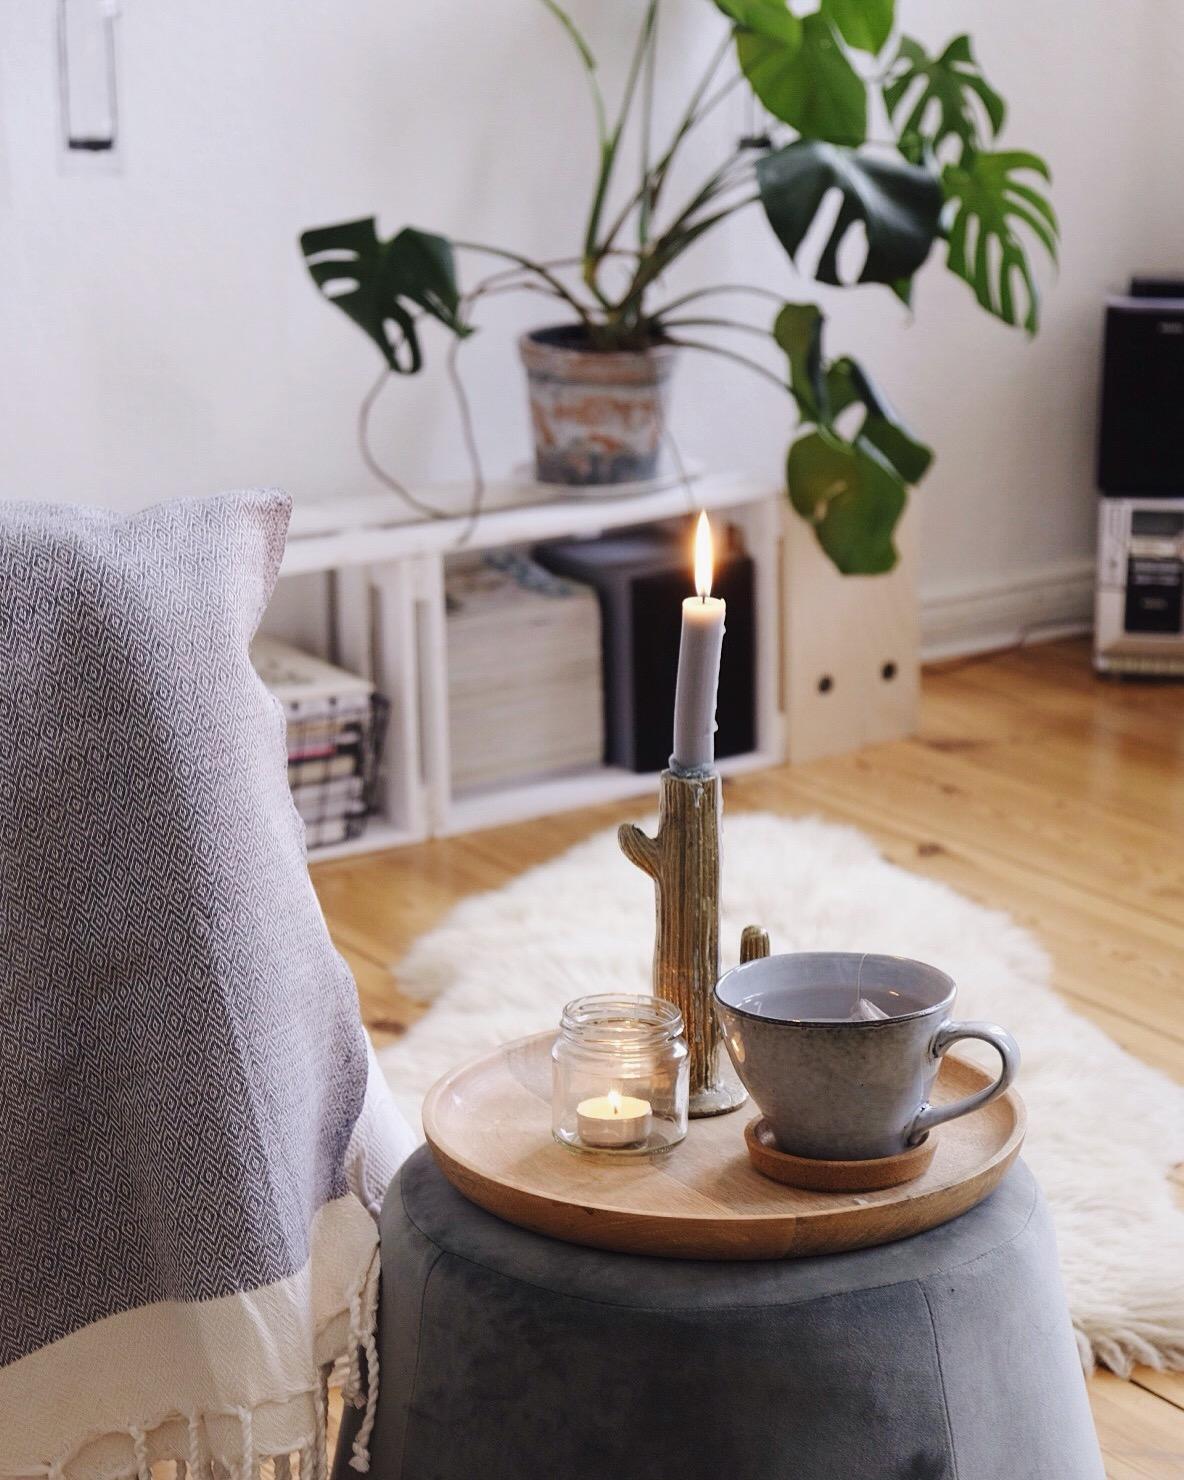 Wohnzimmer bilder ideen couchstyle - Pflanzen deko wohnzimmer ...